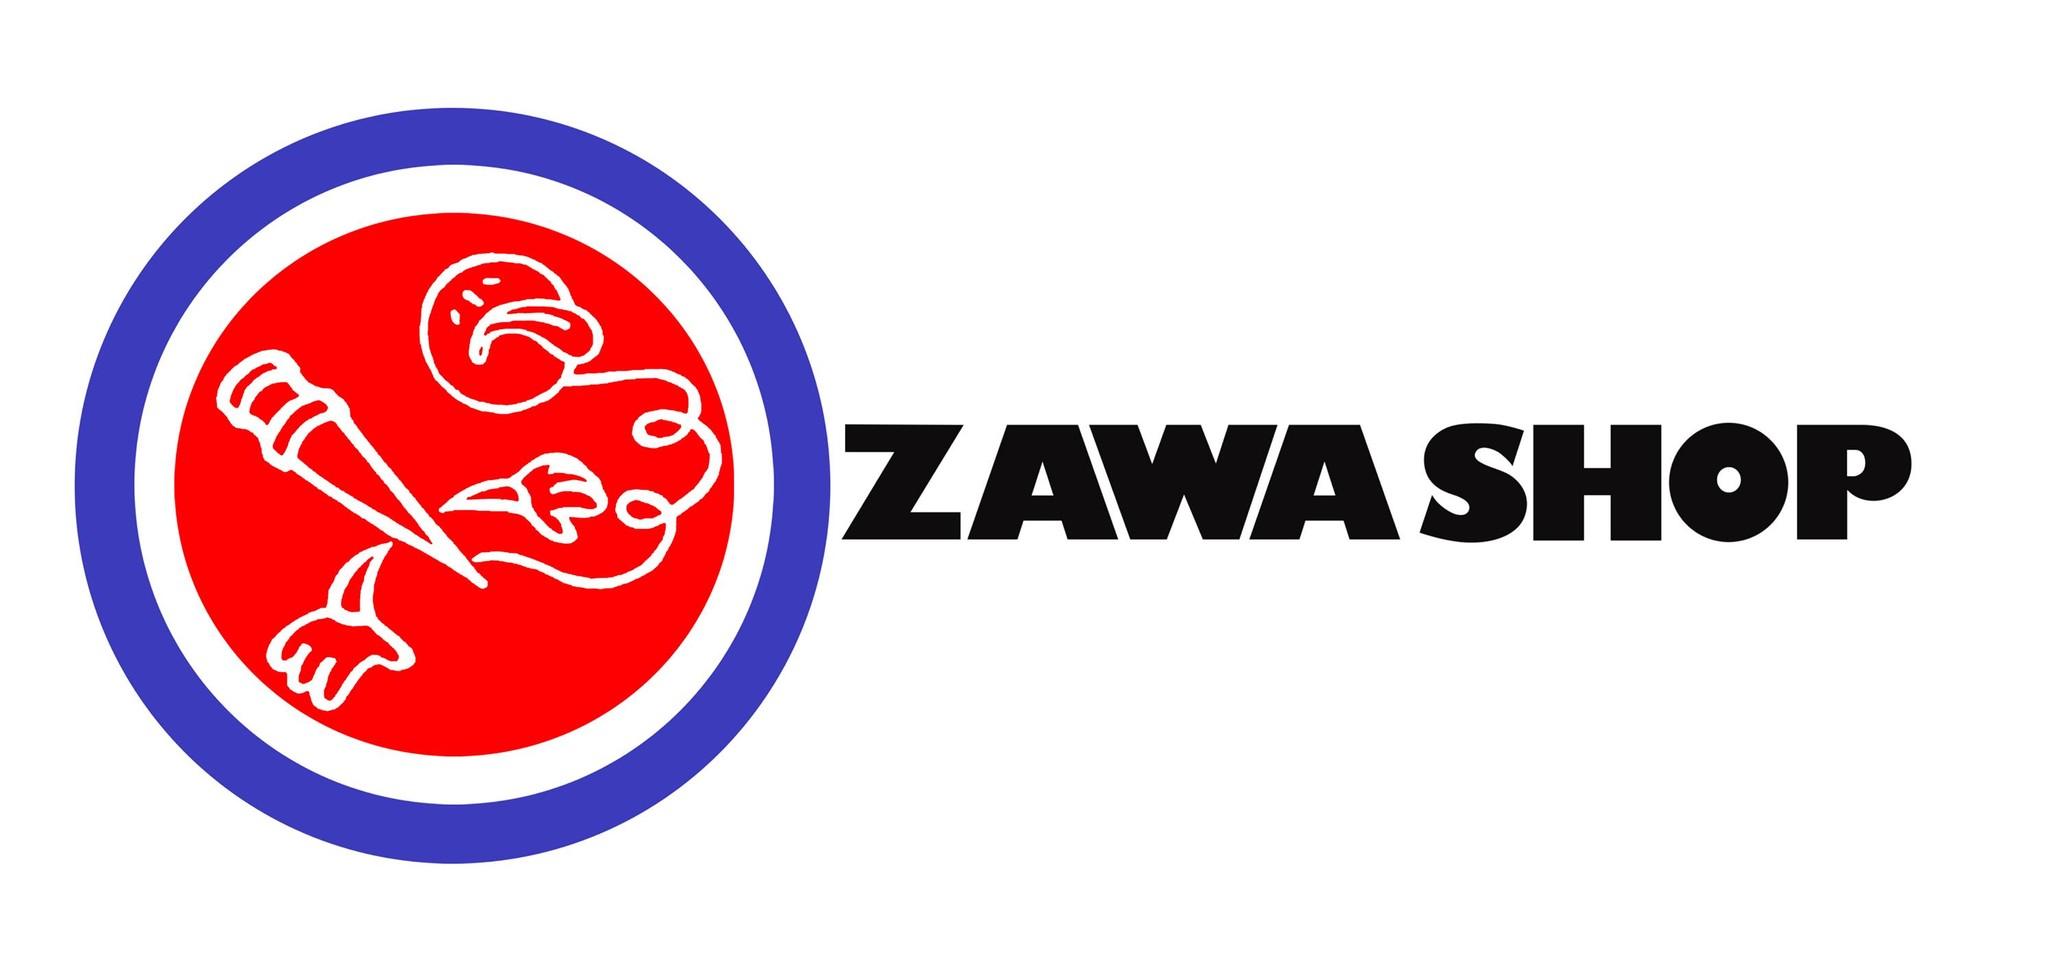 zawa shop (けん玉グッズの専門店)